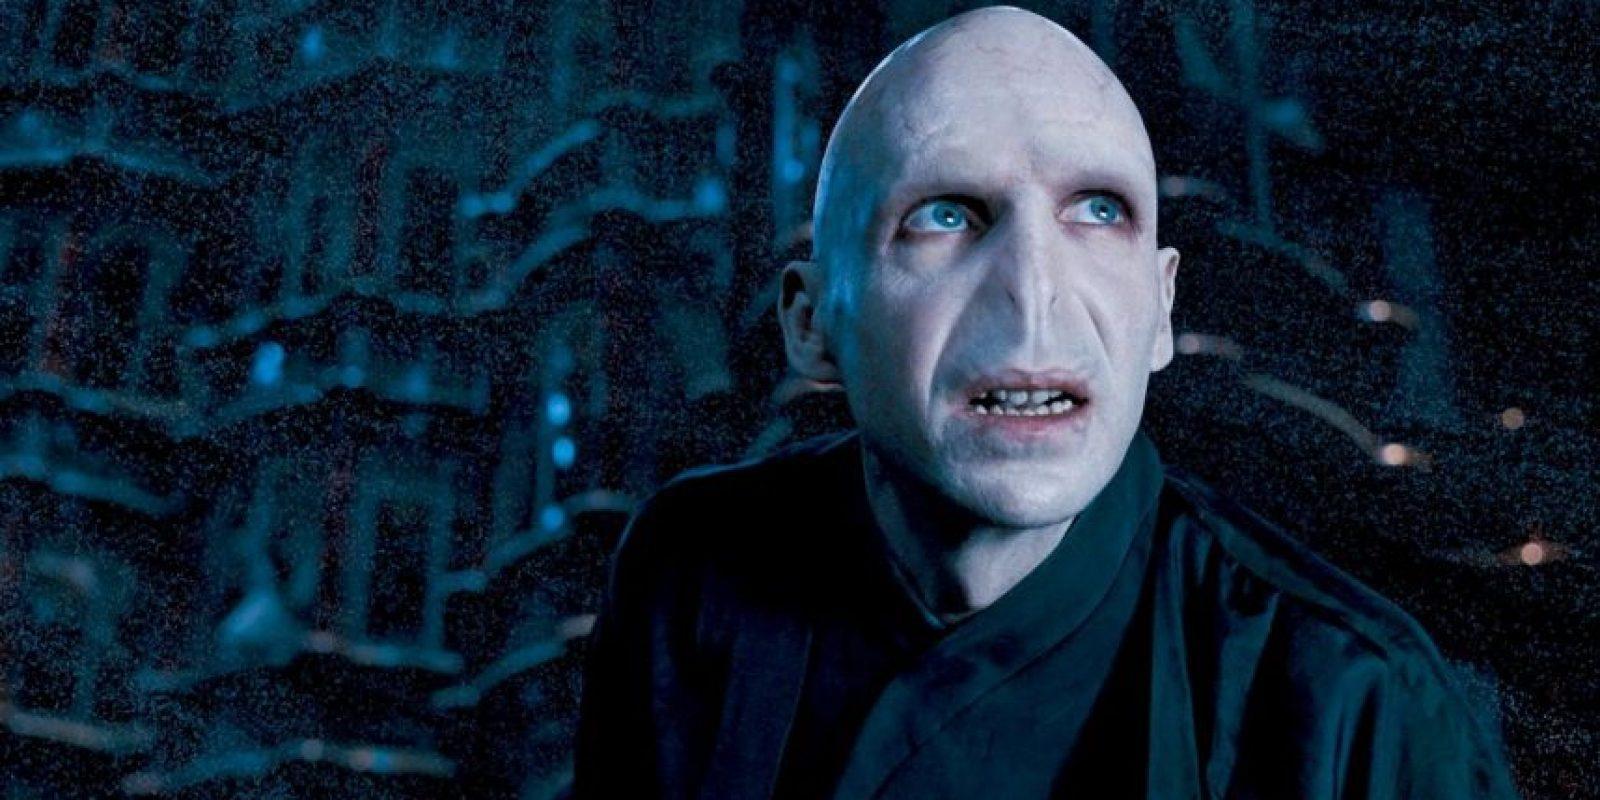 """Voldemort el villano de """"Harry Potter"""" podría tener duelos con los usuarios. Foto:Facebook Harry Potter. Imagen Por:"""